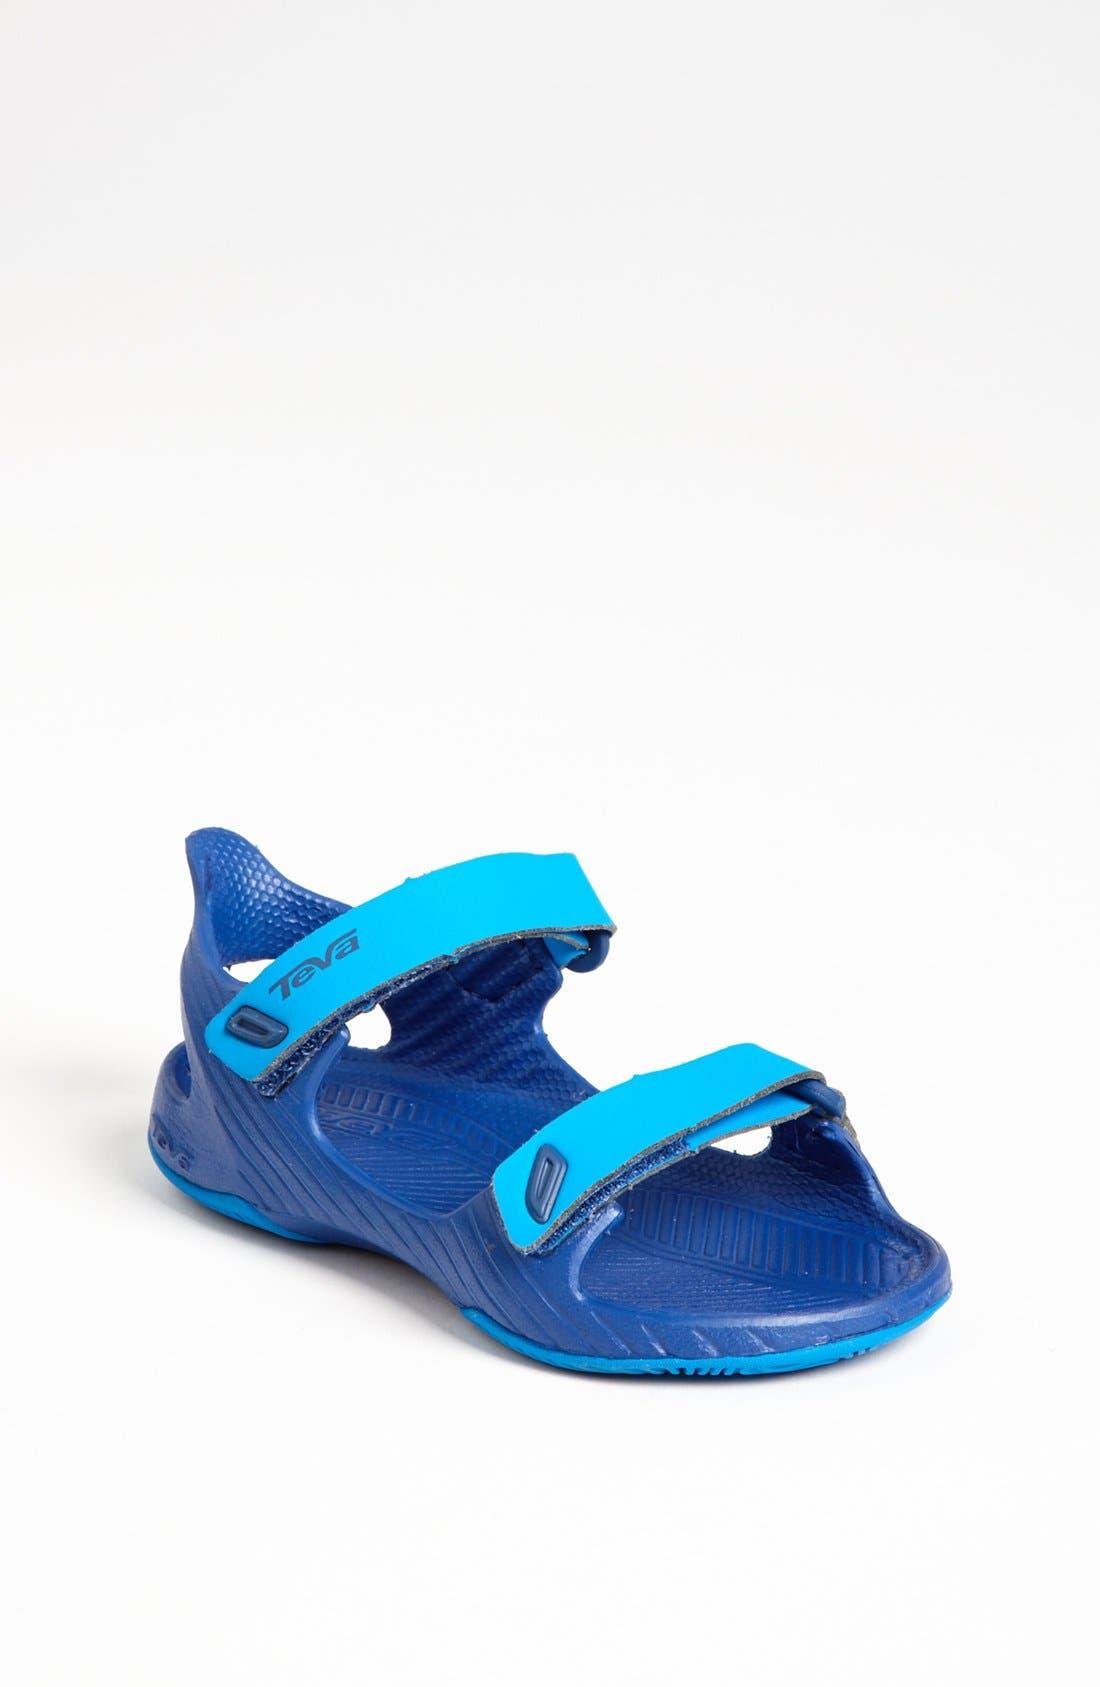 Alternate Image 1 Selected - Teva 'Barracuda' Sandal (Baby & Walker)